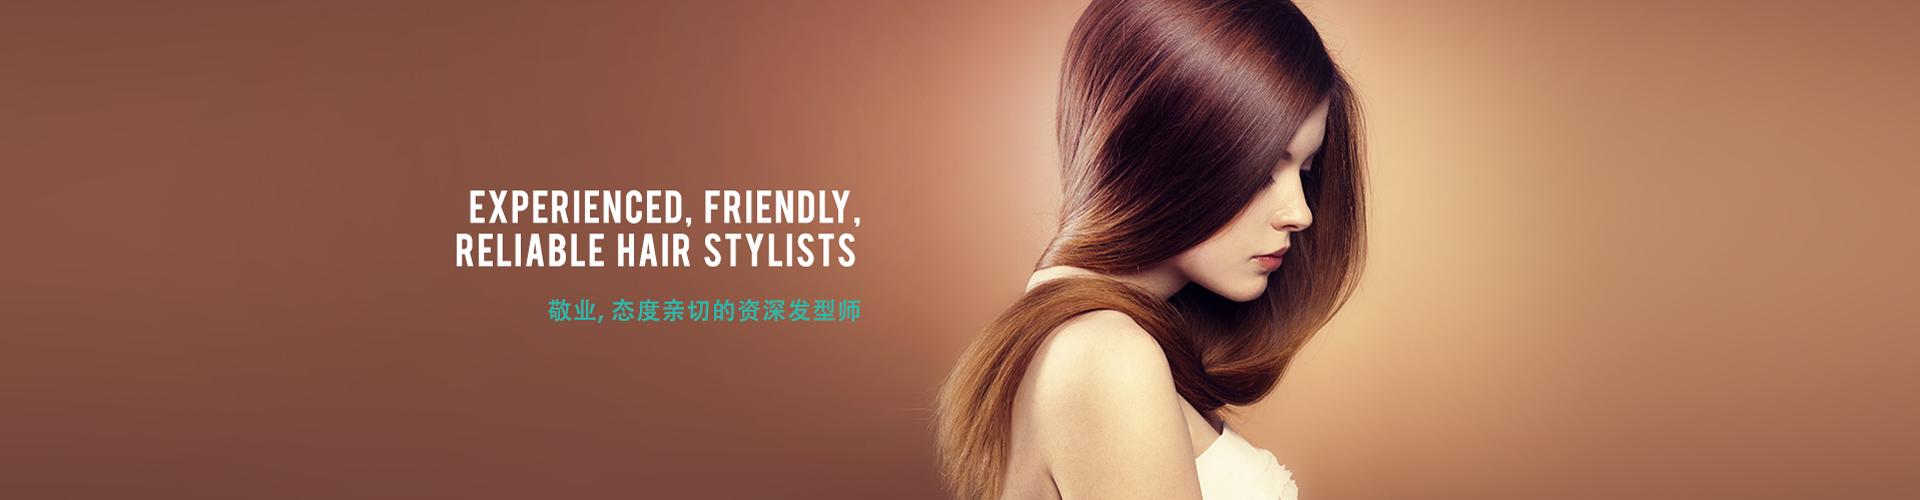 We-hair-salon-slider-main-03-1